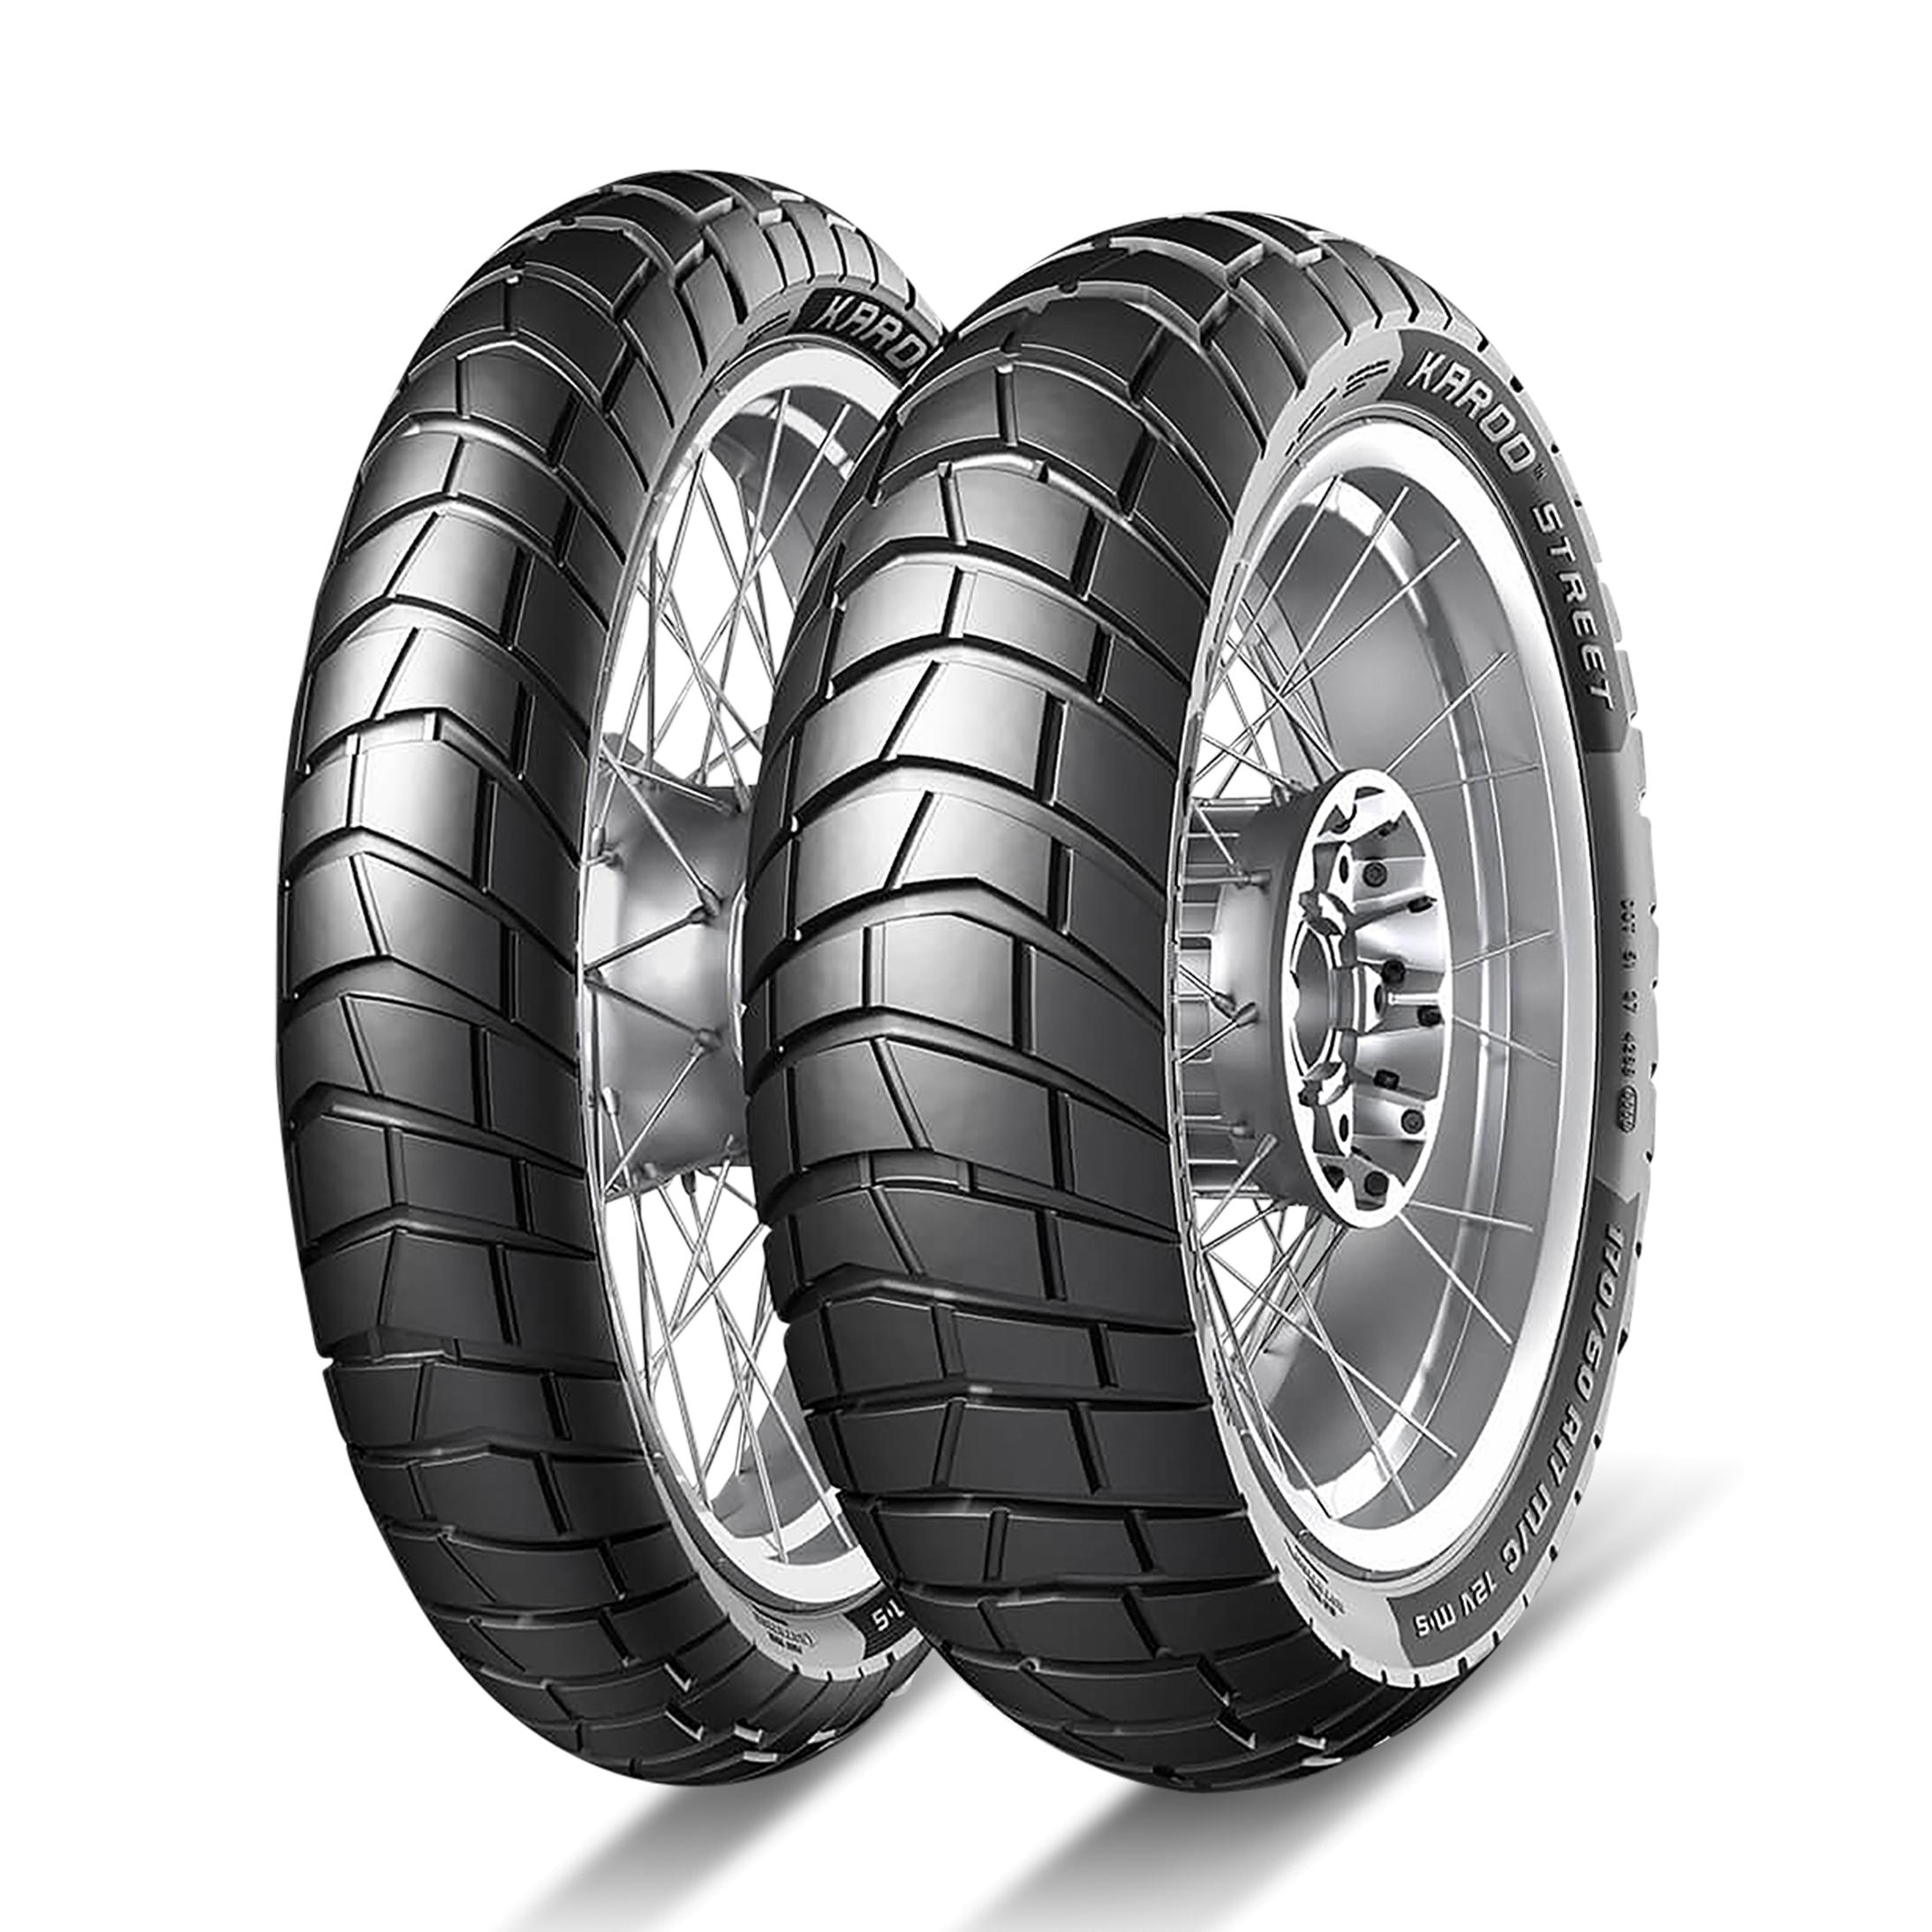 Metzeler Pneumatico Moto Karoo Street 170/60 R 17 72V M+S TL